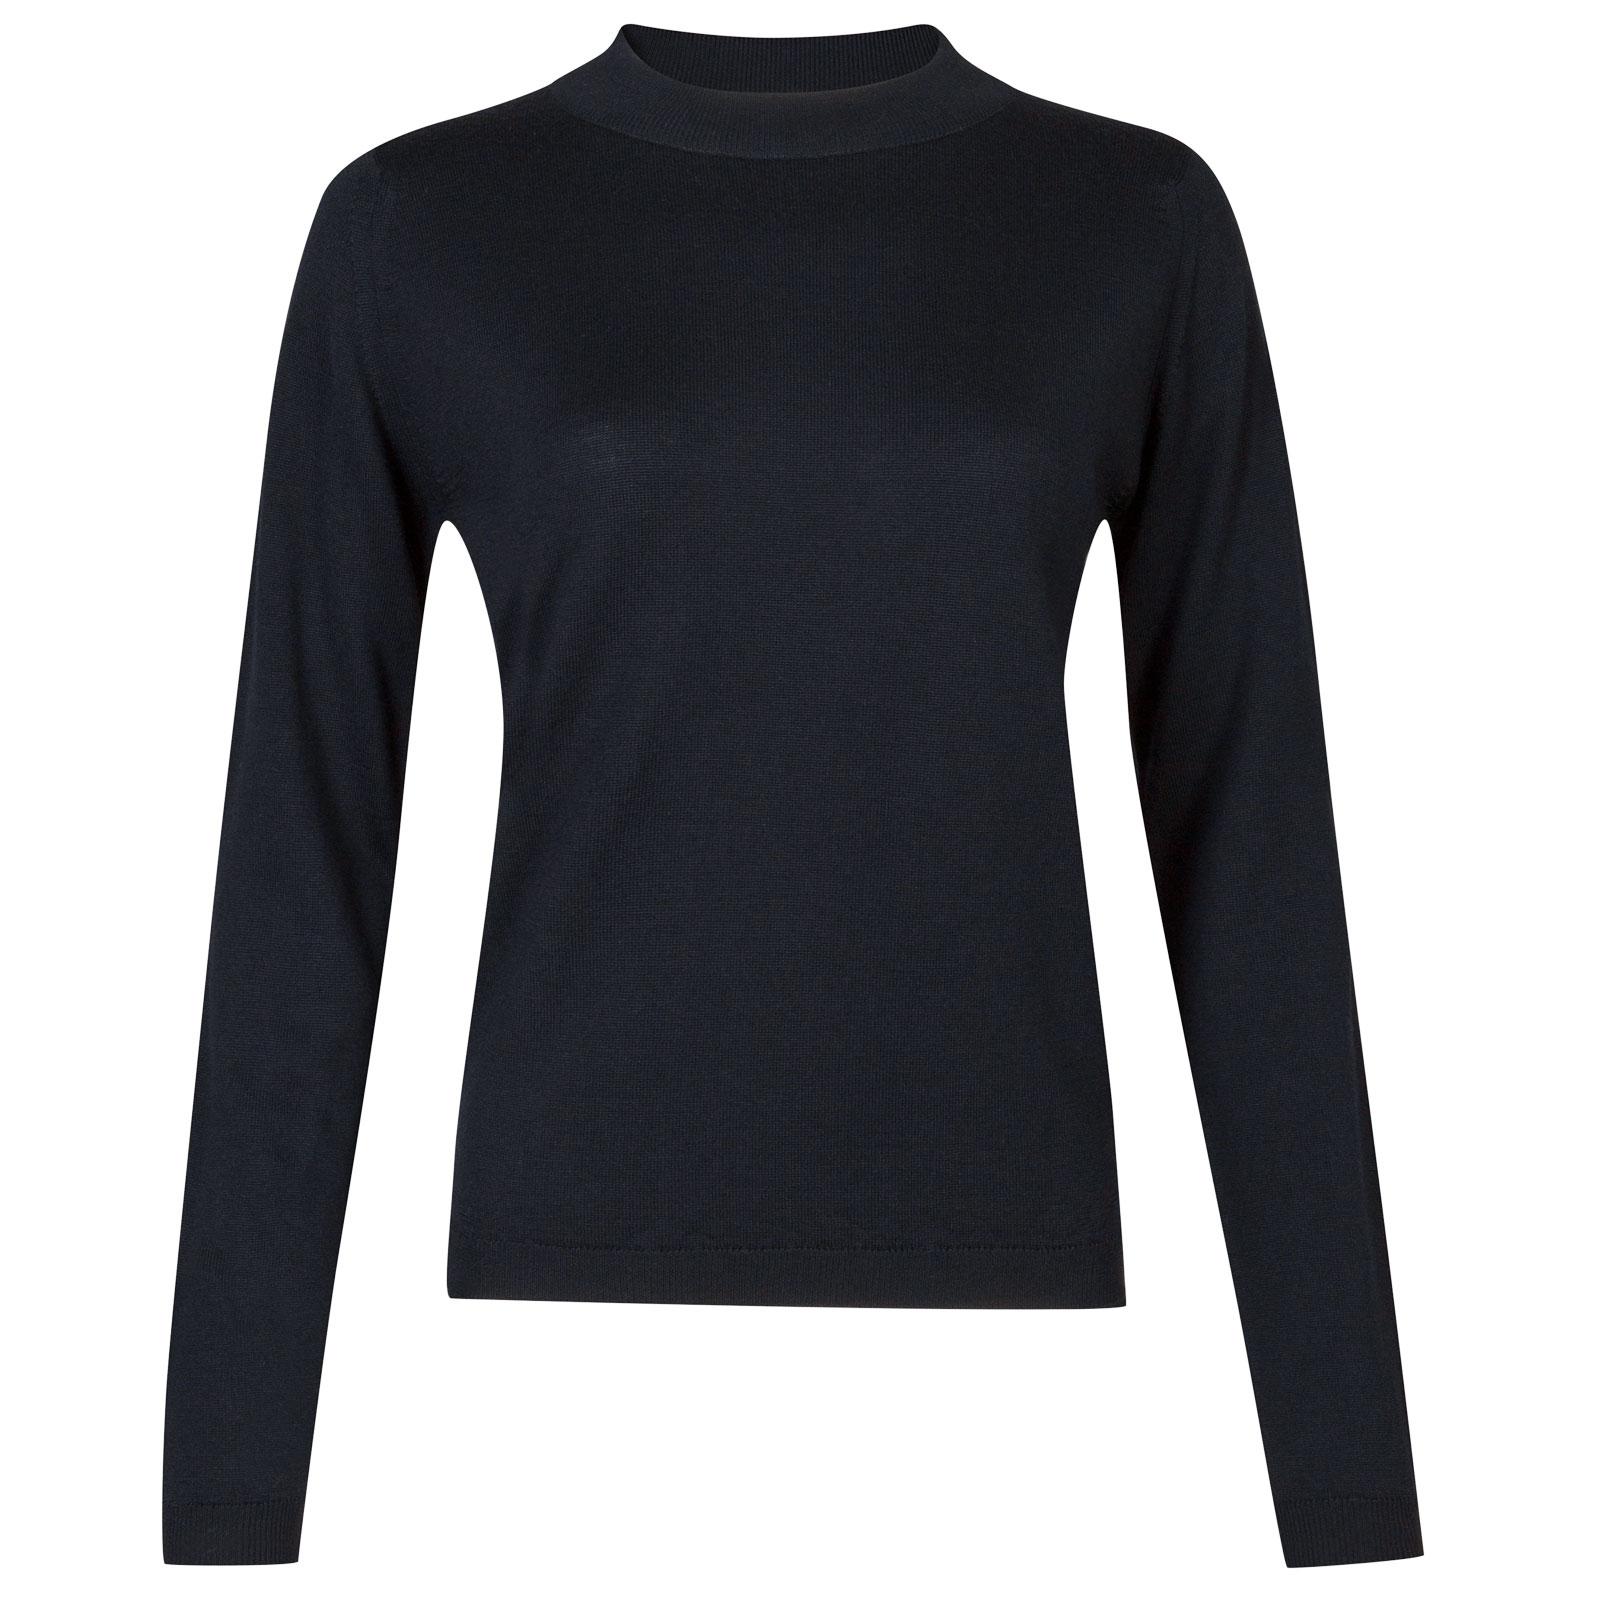 John Smedley renata Merino Wool Sweater in Midnight-L